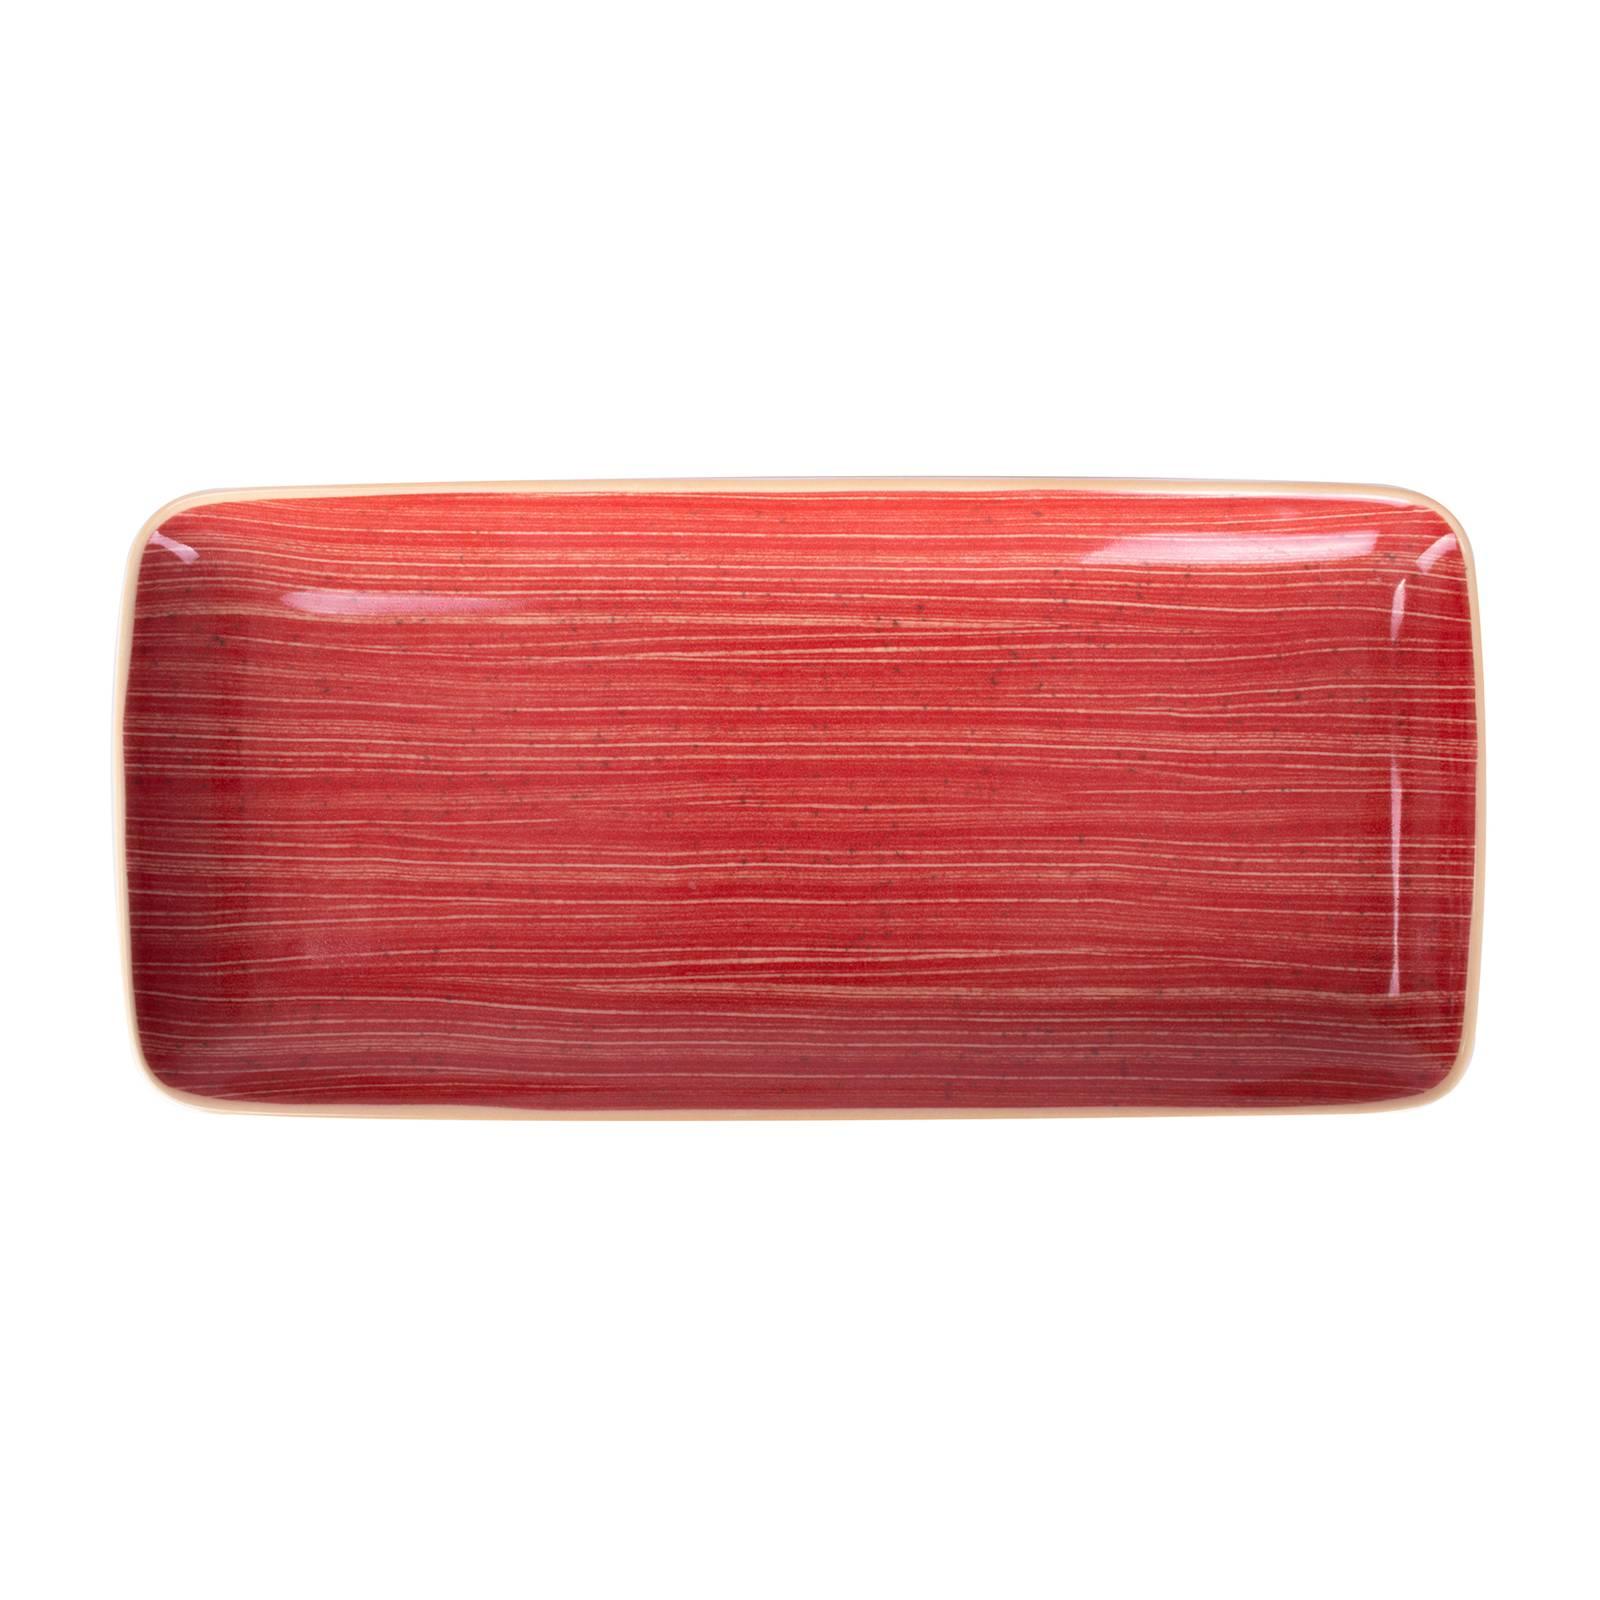 Plat rectangulaire Terra Red 28 x 14 cm ARIANE